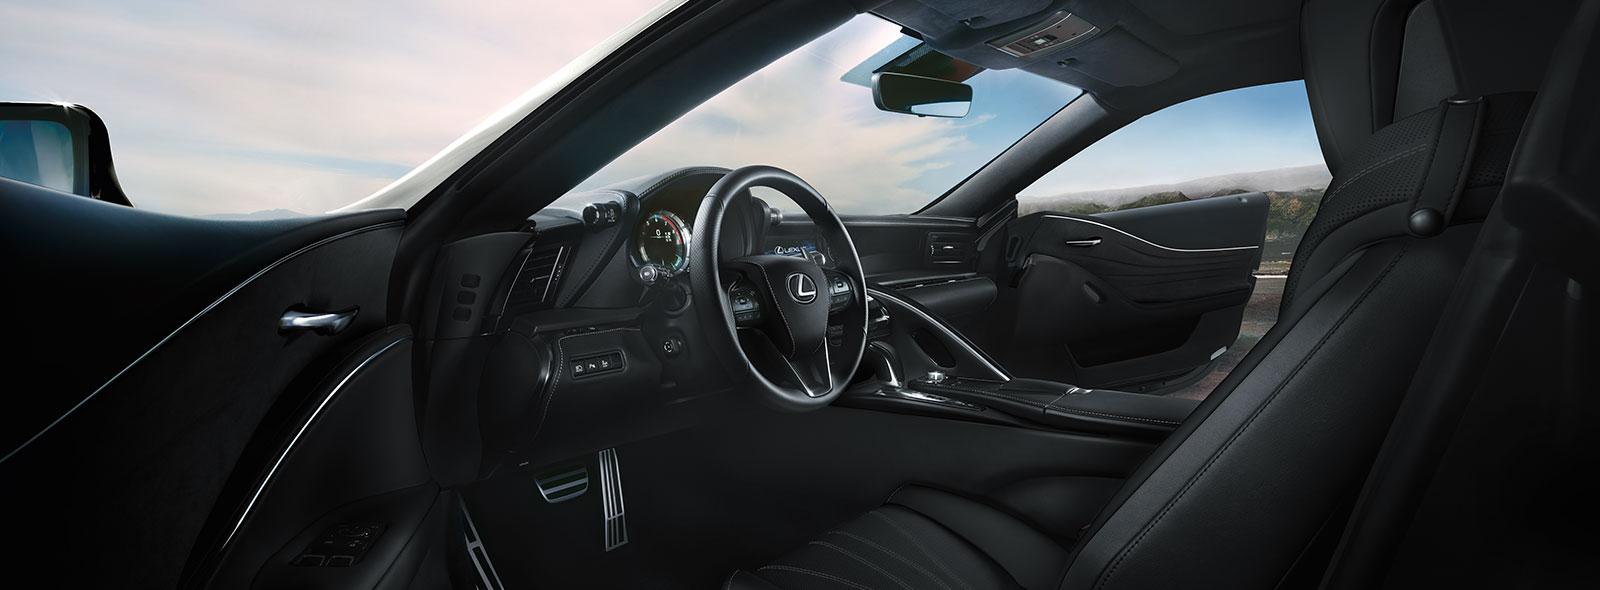 2017 Lexus LC 500h Interior Gallery 004